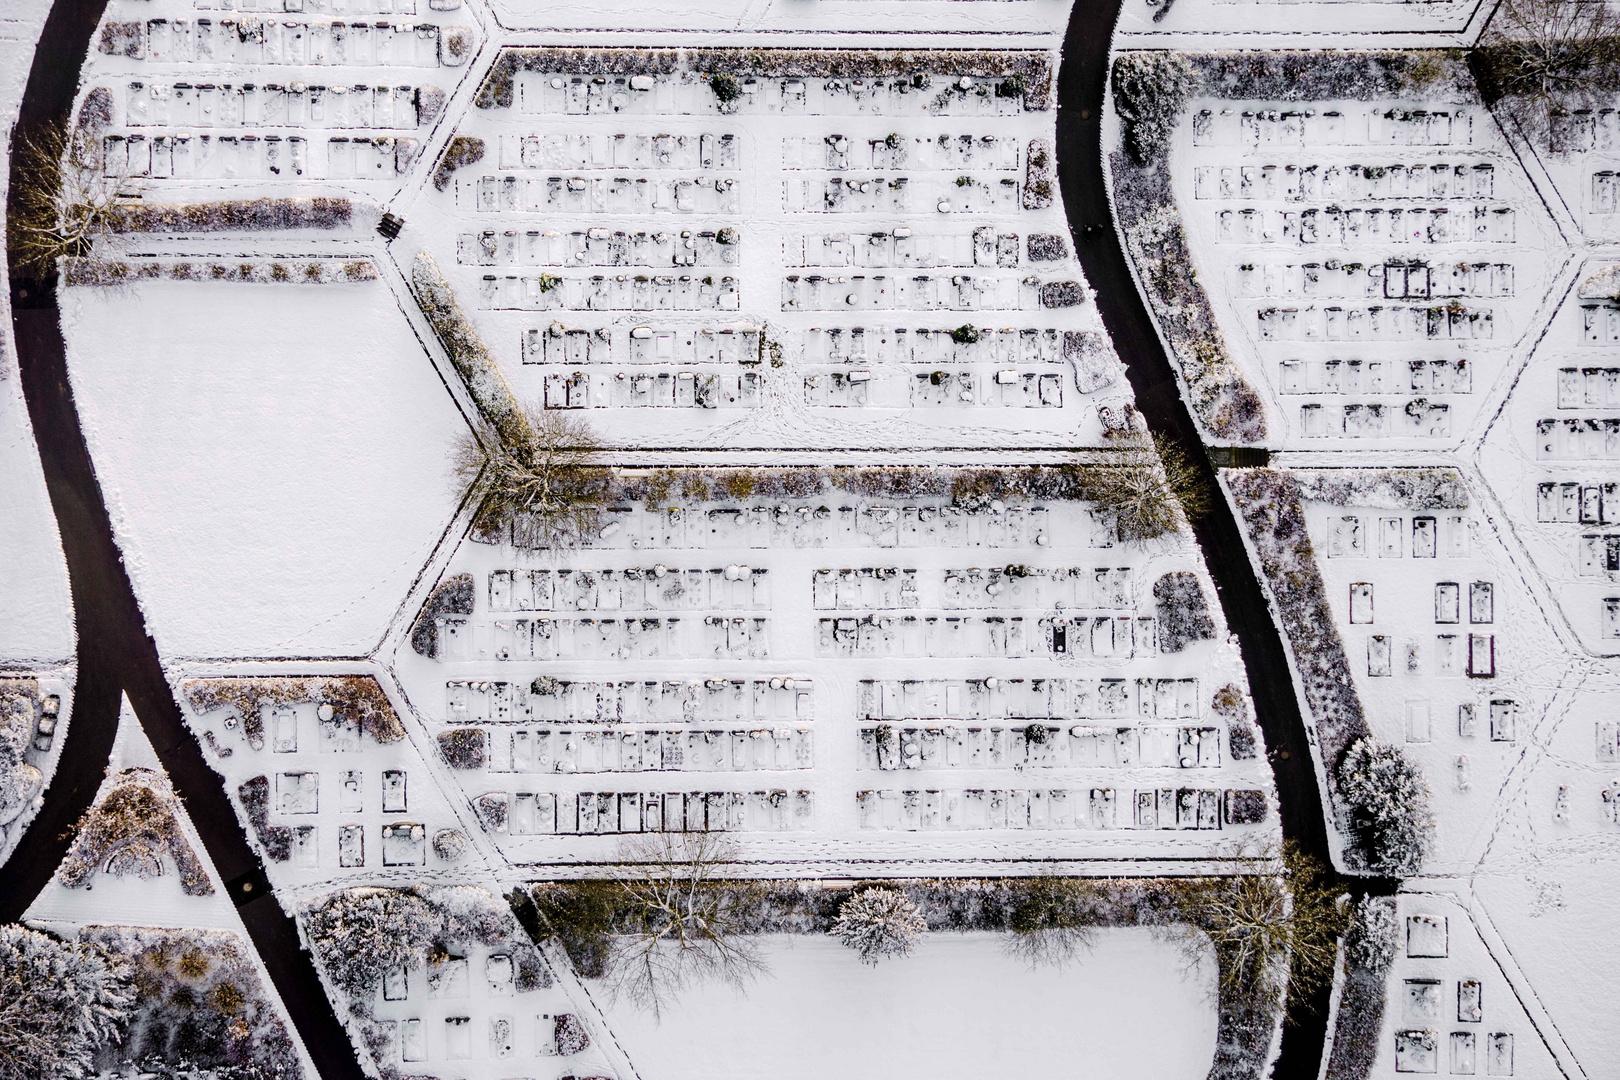 Friedhof Biberach